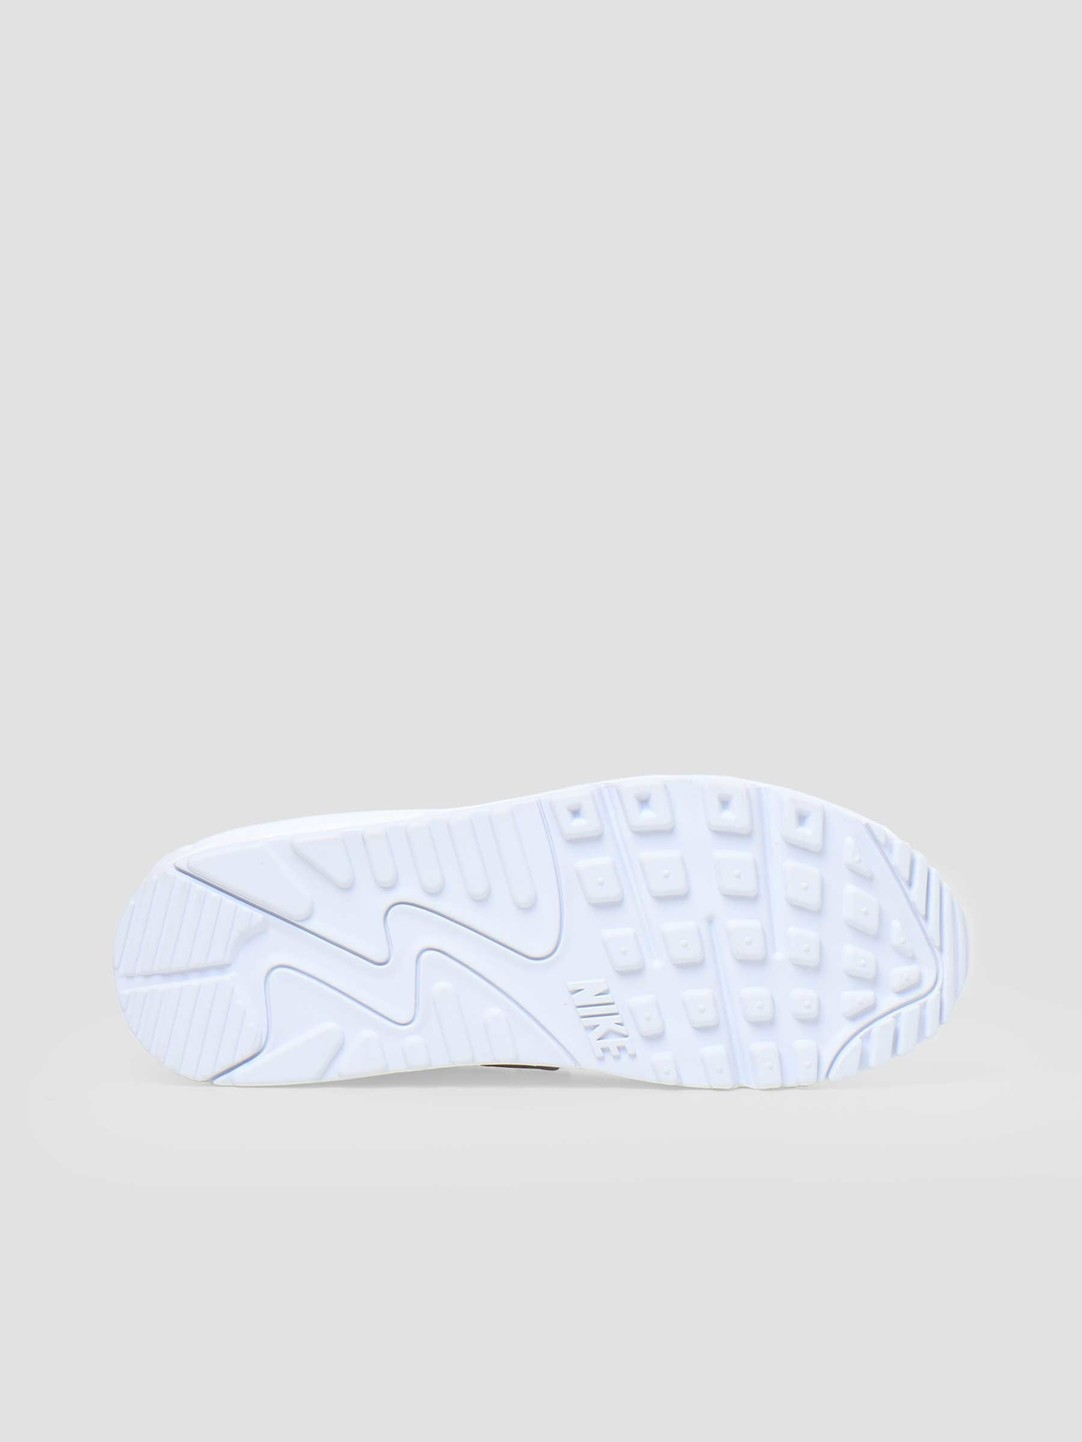 Nike Nike Air Max 90 White Wolf Grey CQ2560-100